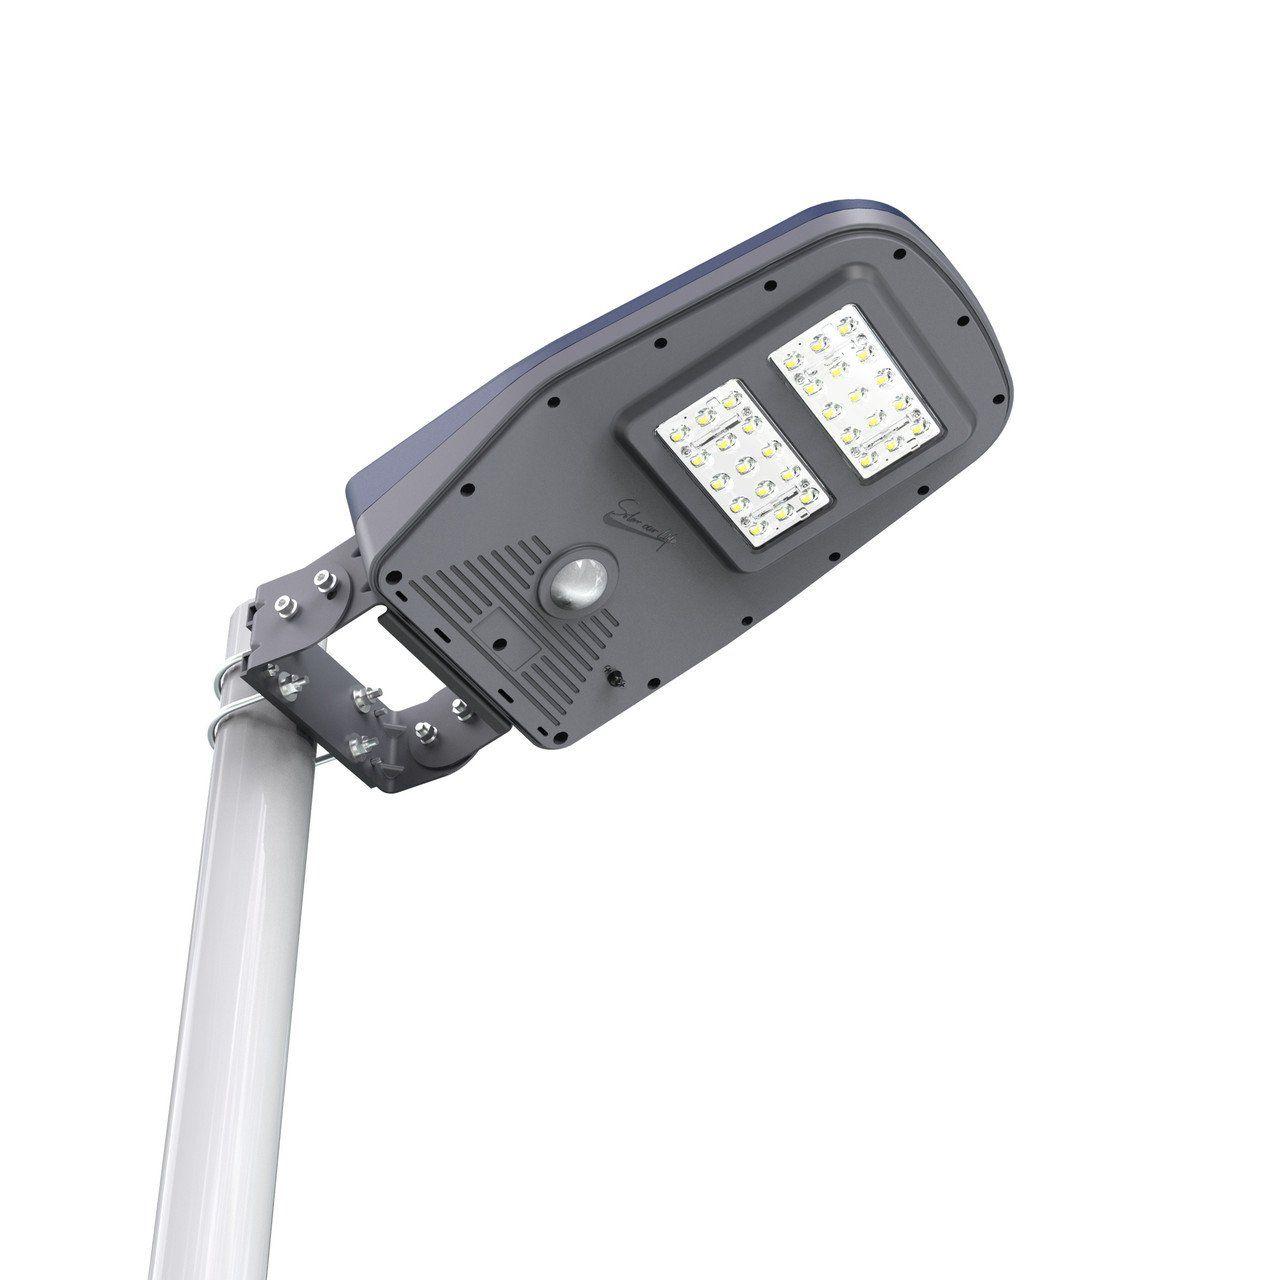 Светильники на солнечных батареях от https://raylight.com.ua/